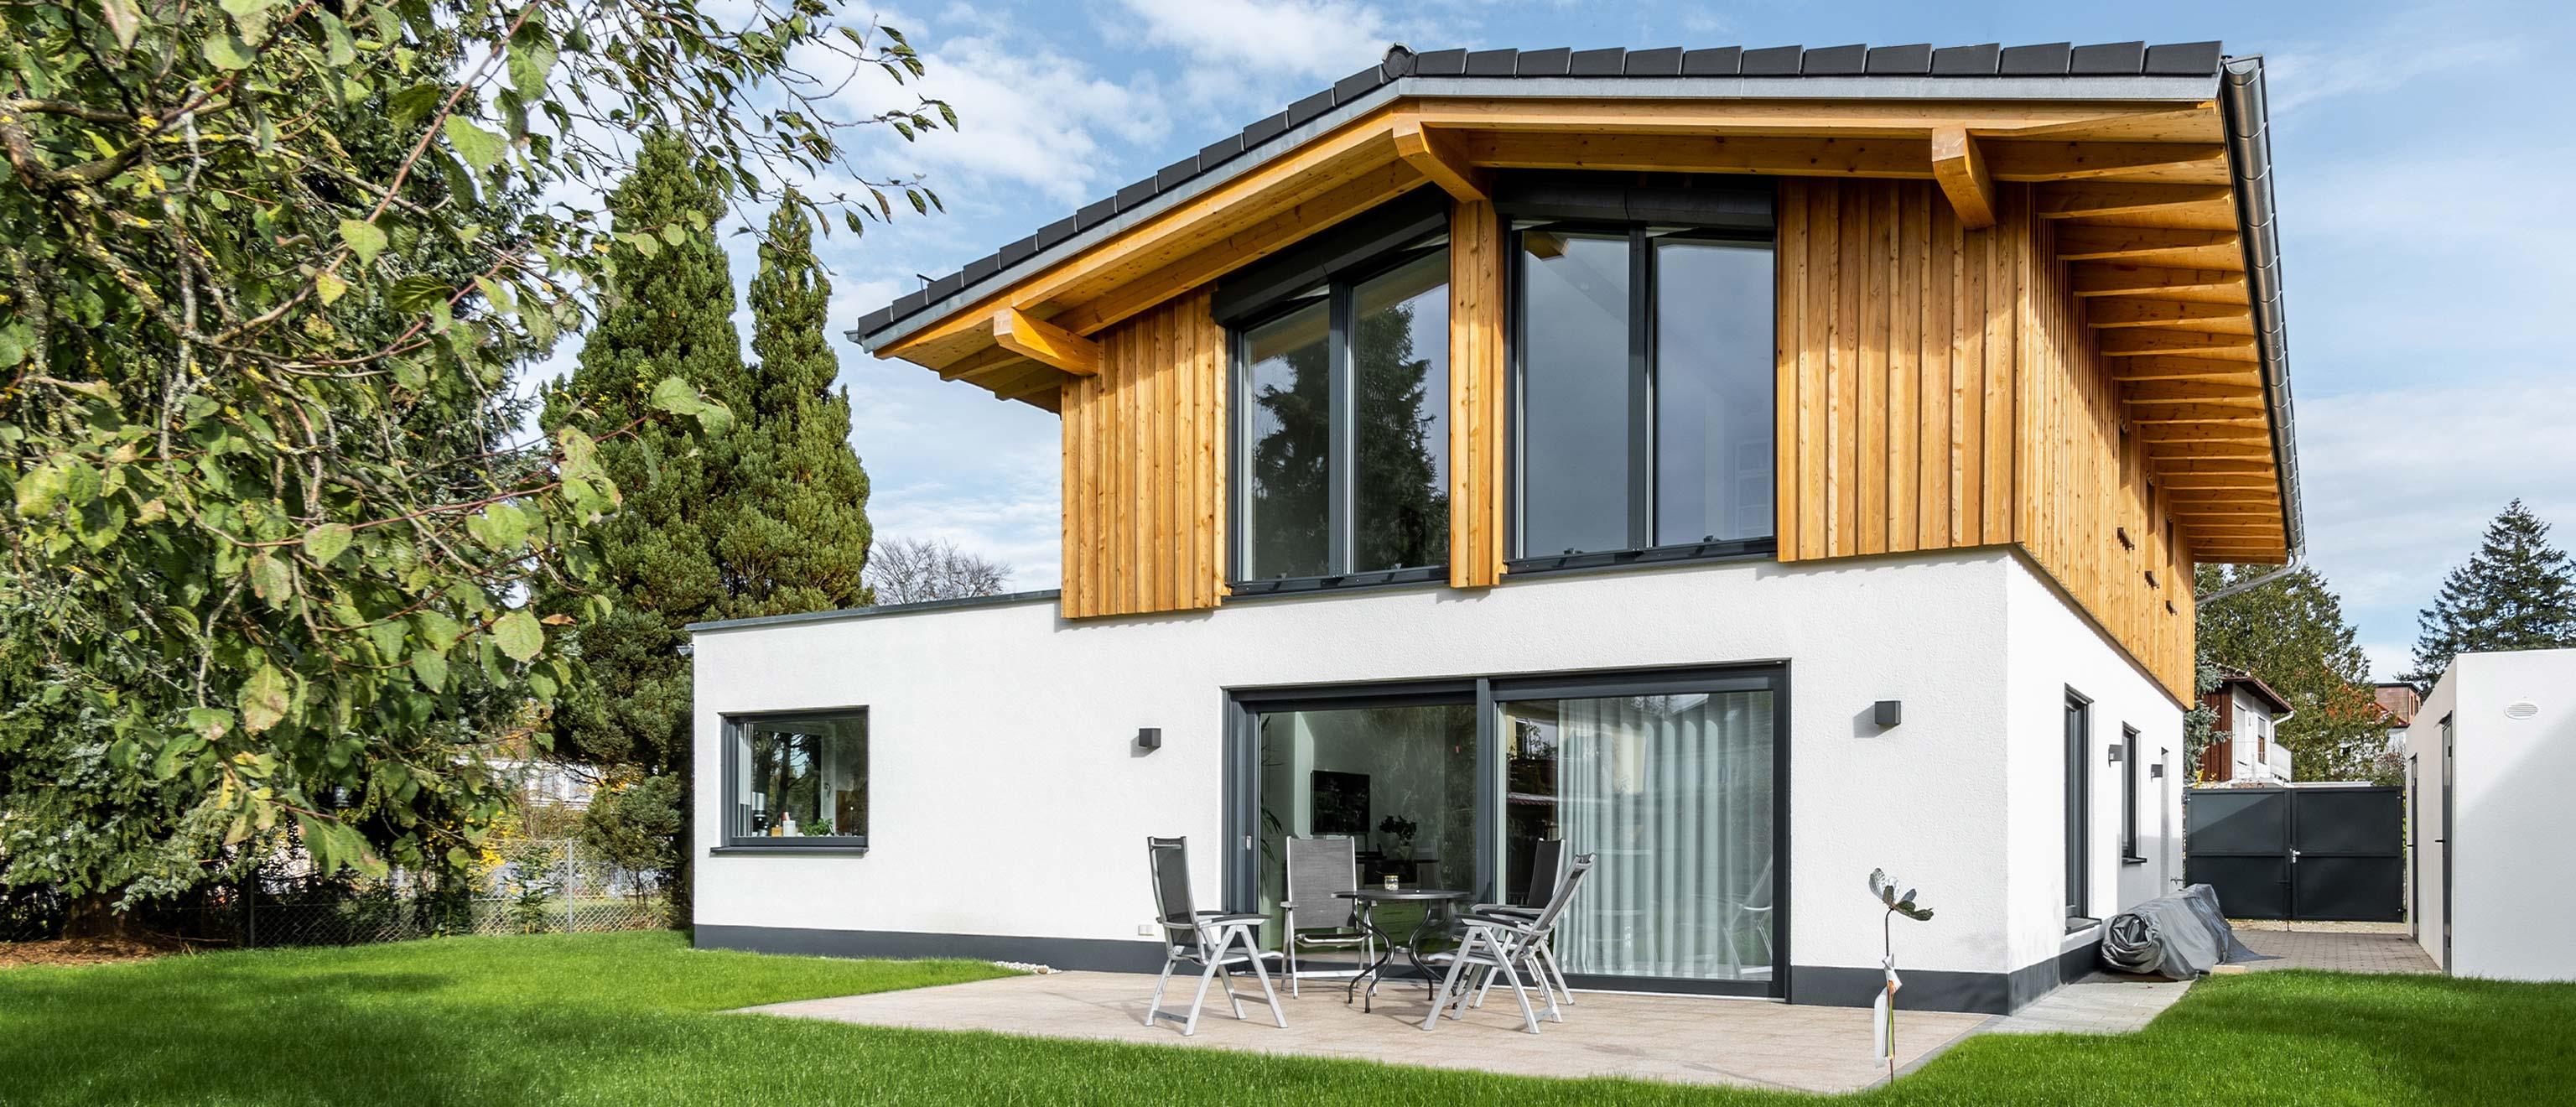 LEAN BAU Referenz | Einfamilienhaus | München